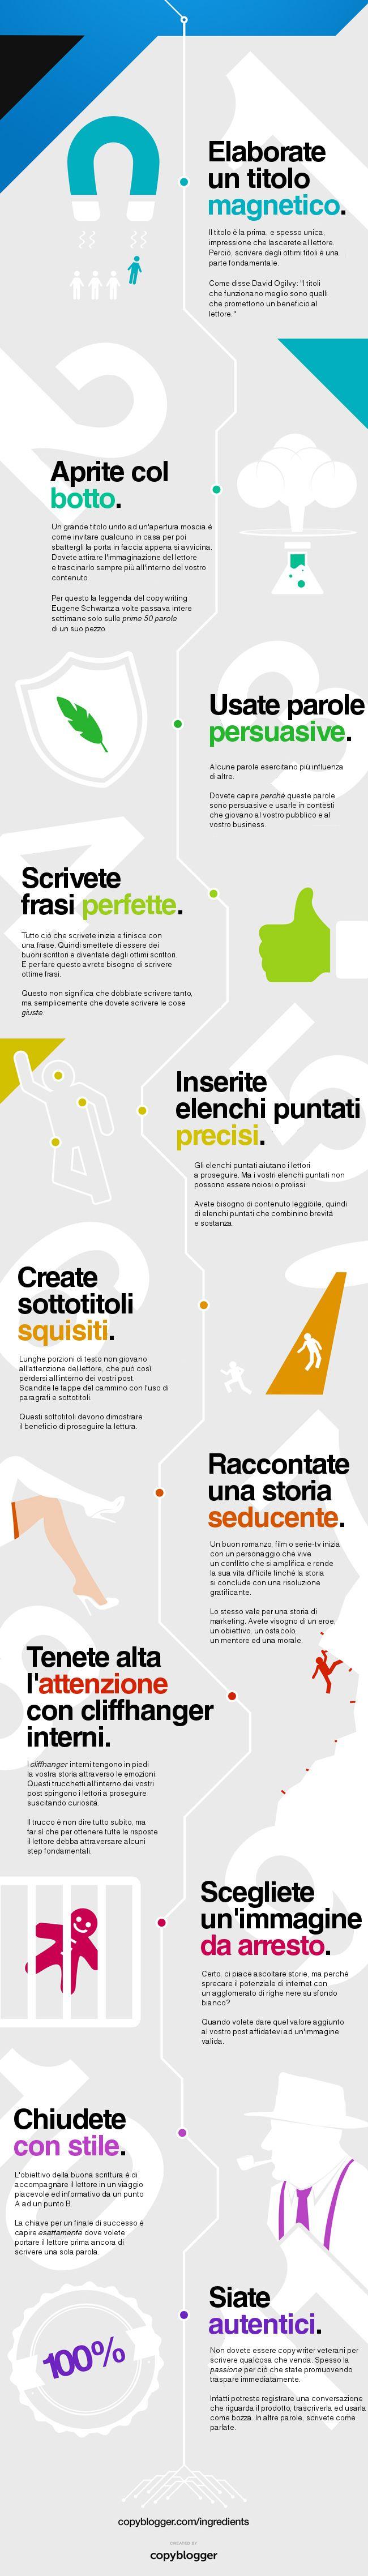 Ci mancava l'#infografica Blog for dummies! Come scrivere un buon articolo sul vostro blog in 11 mosse.